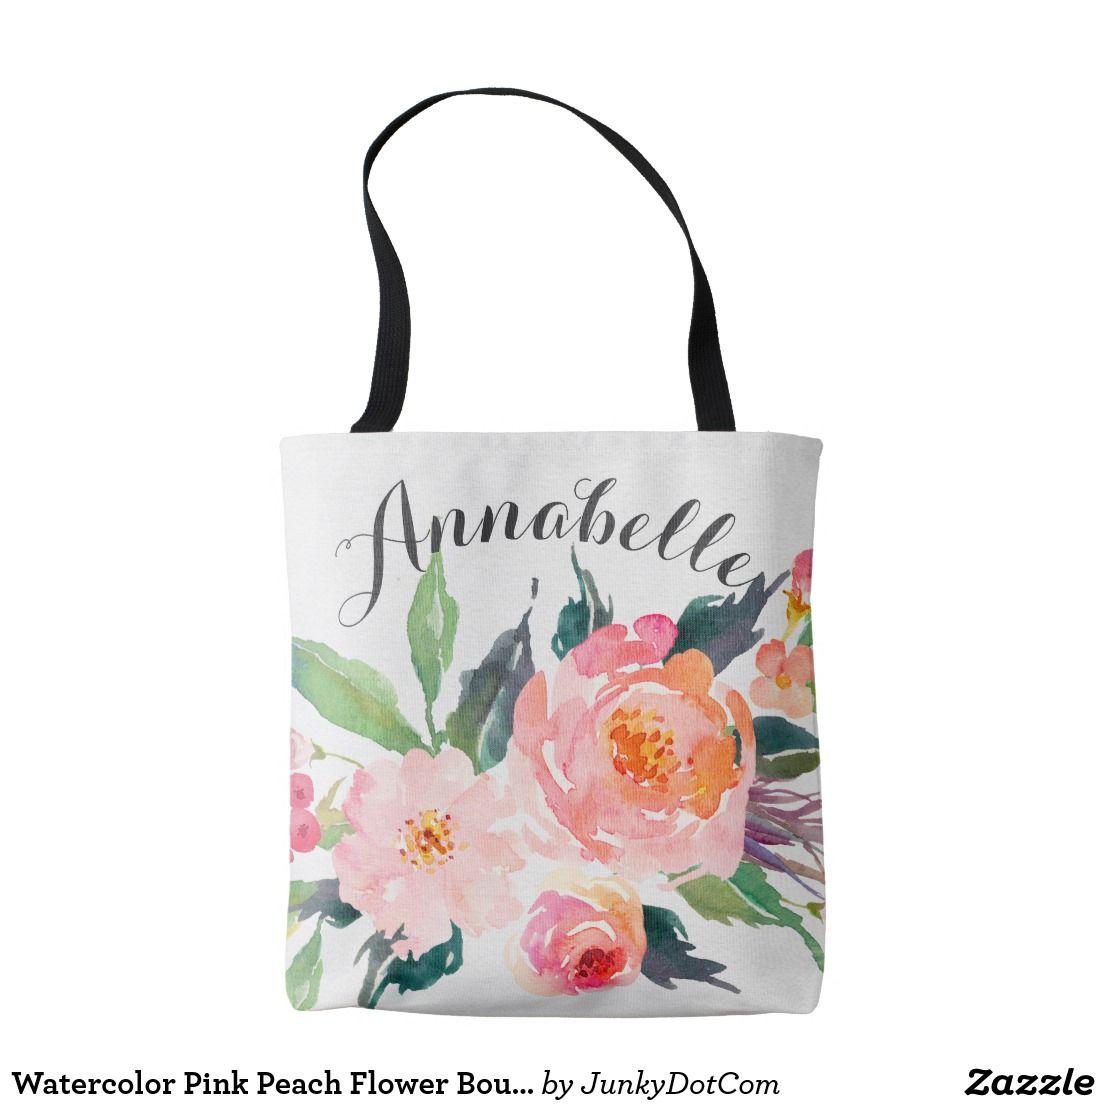 Watercolor Pink Peach Flower Bouquet Tote Bag Zazzle Com Z